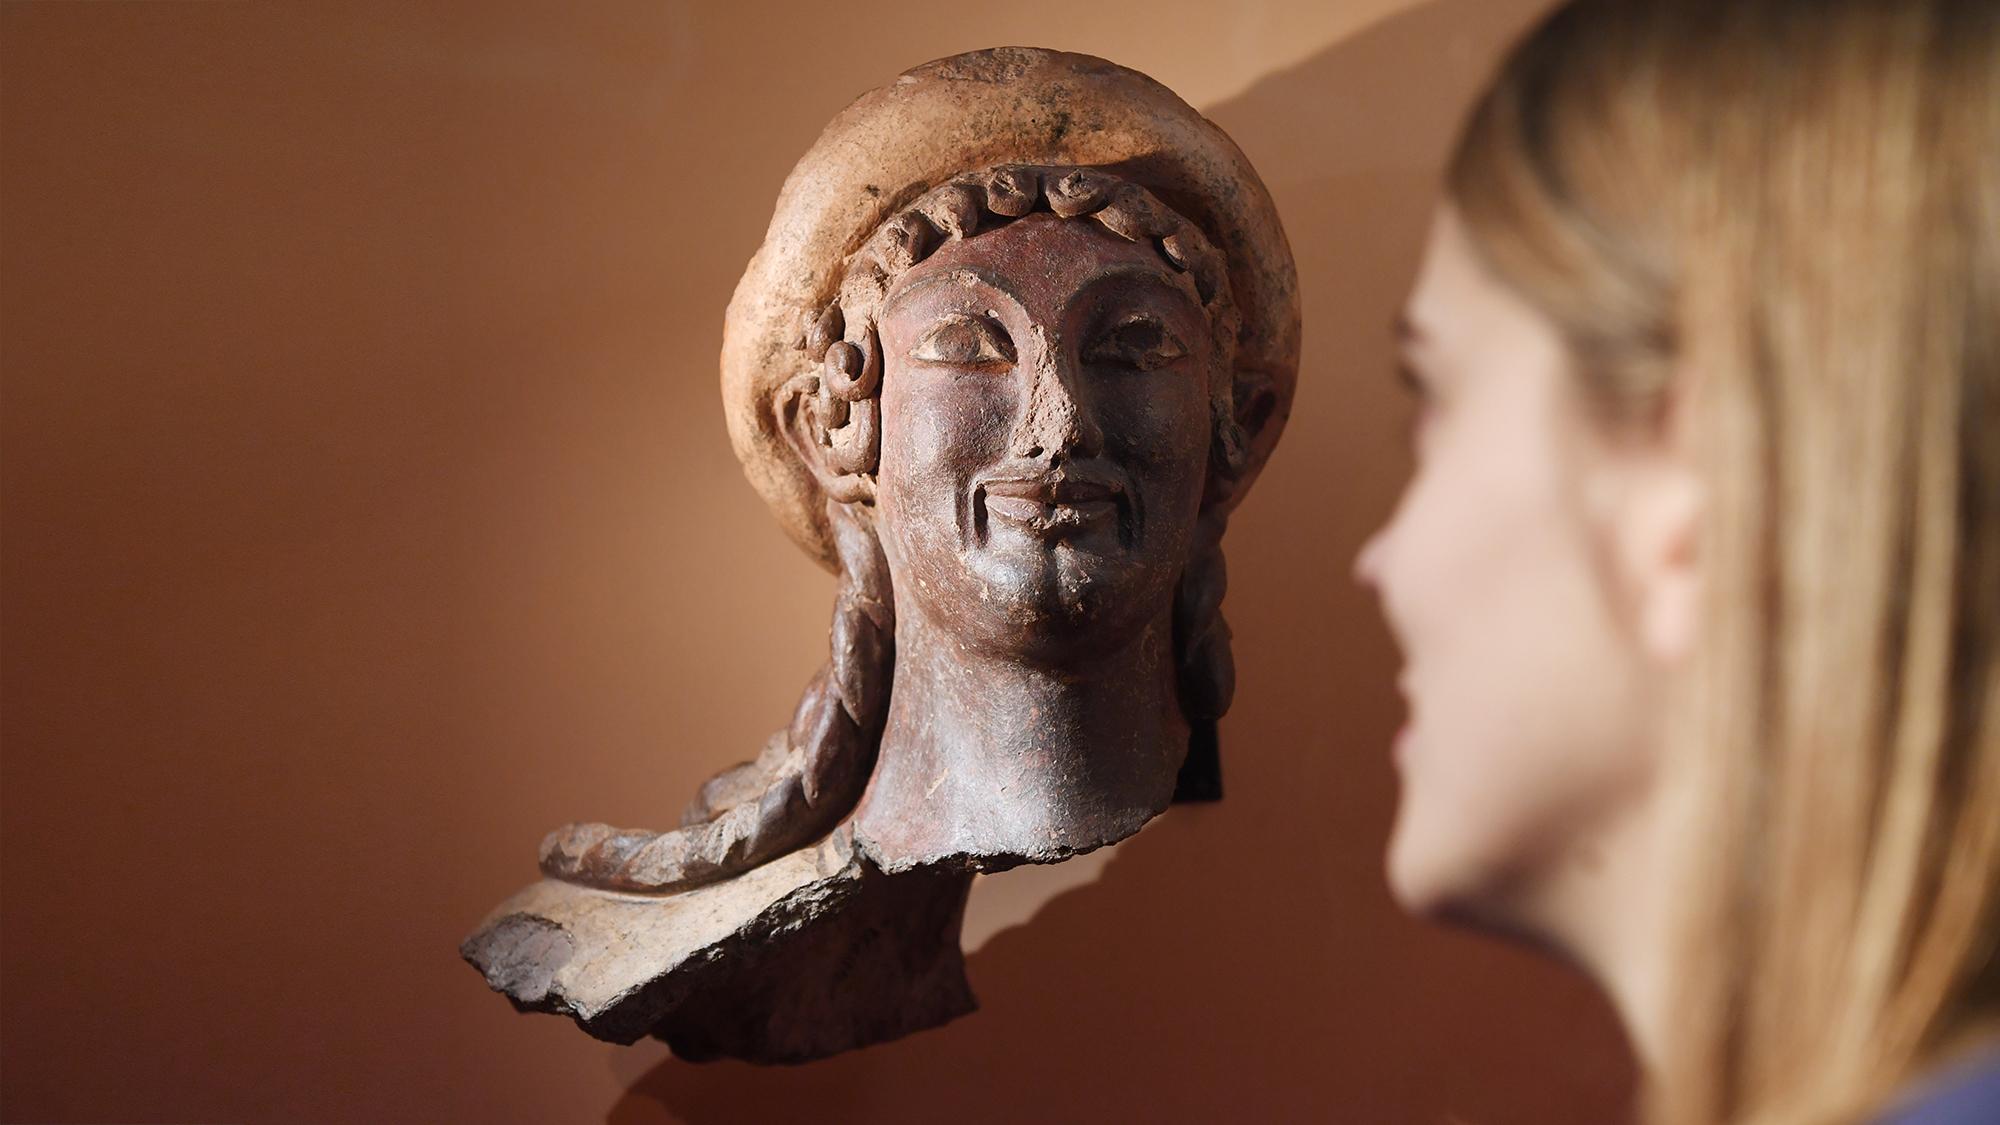 ARTIS-Uli Deck// 08.12.2017 Badisches Landesmuseum Karlsruhe, BLM, Ausstellung - Die Etrusker – Weltkultur im antiken Itali